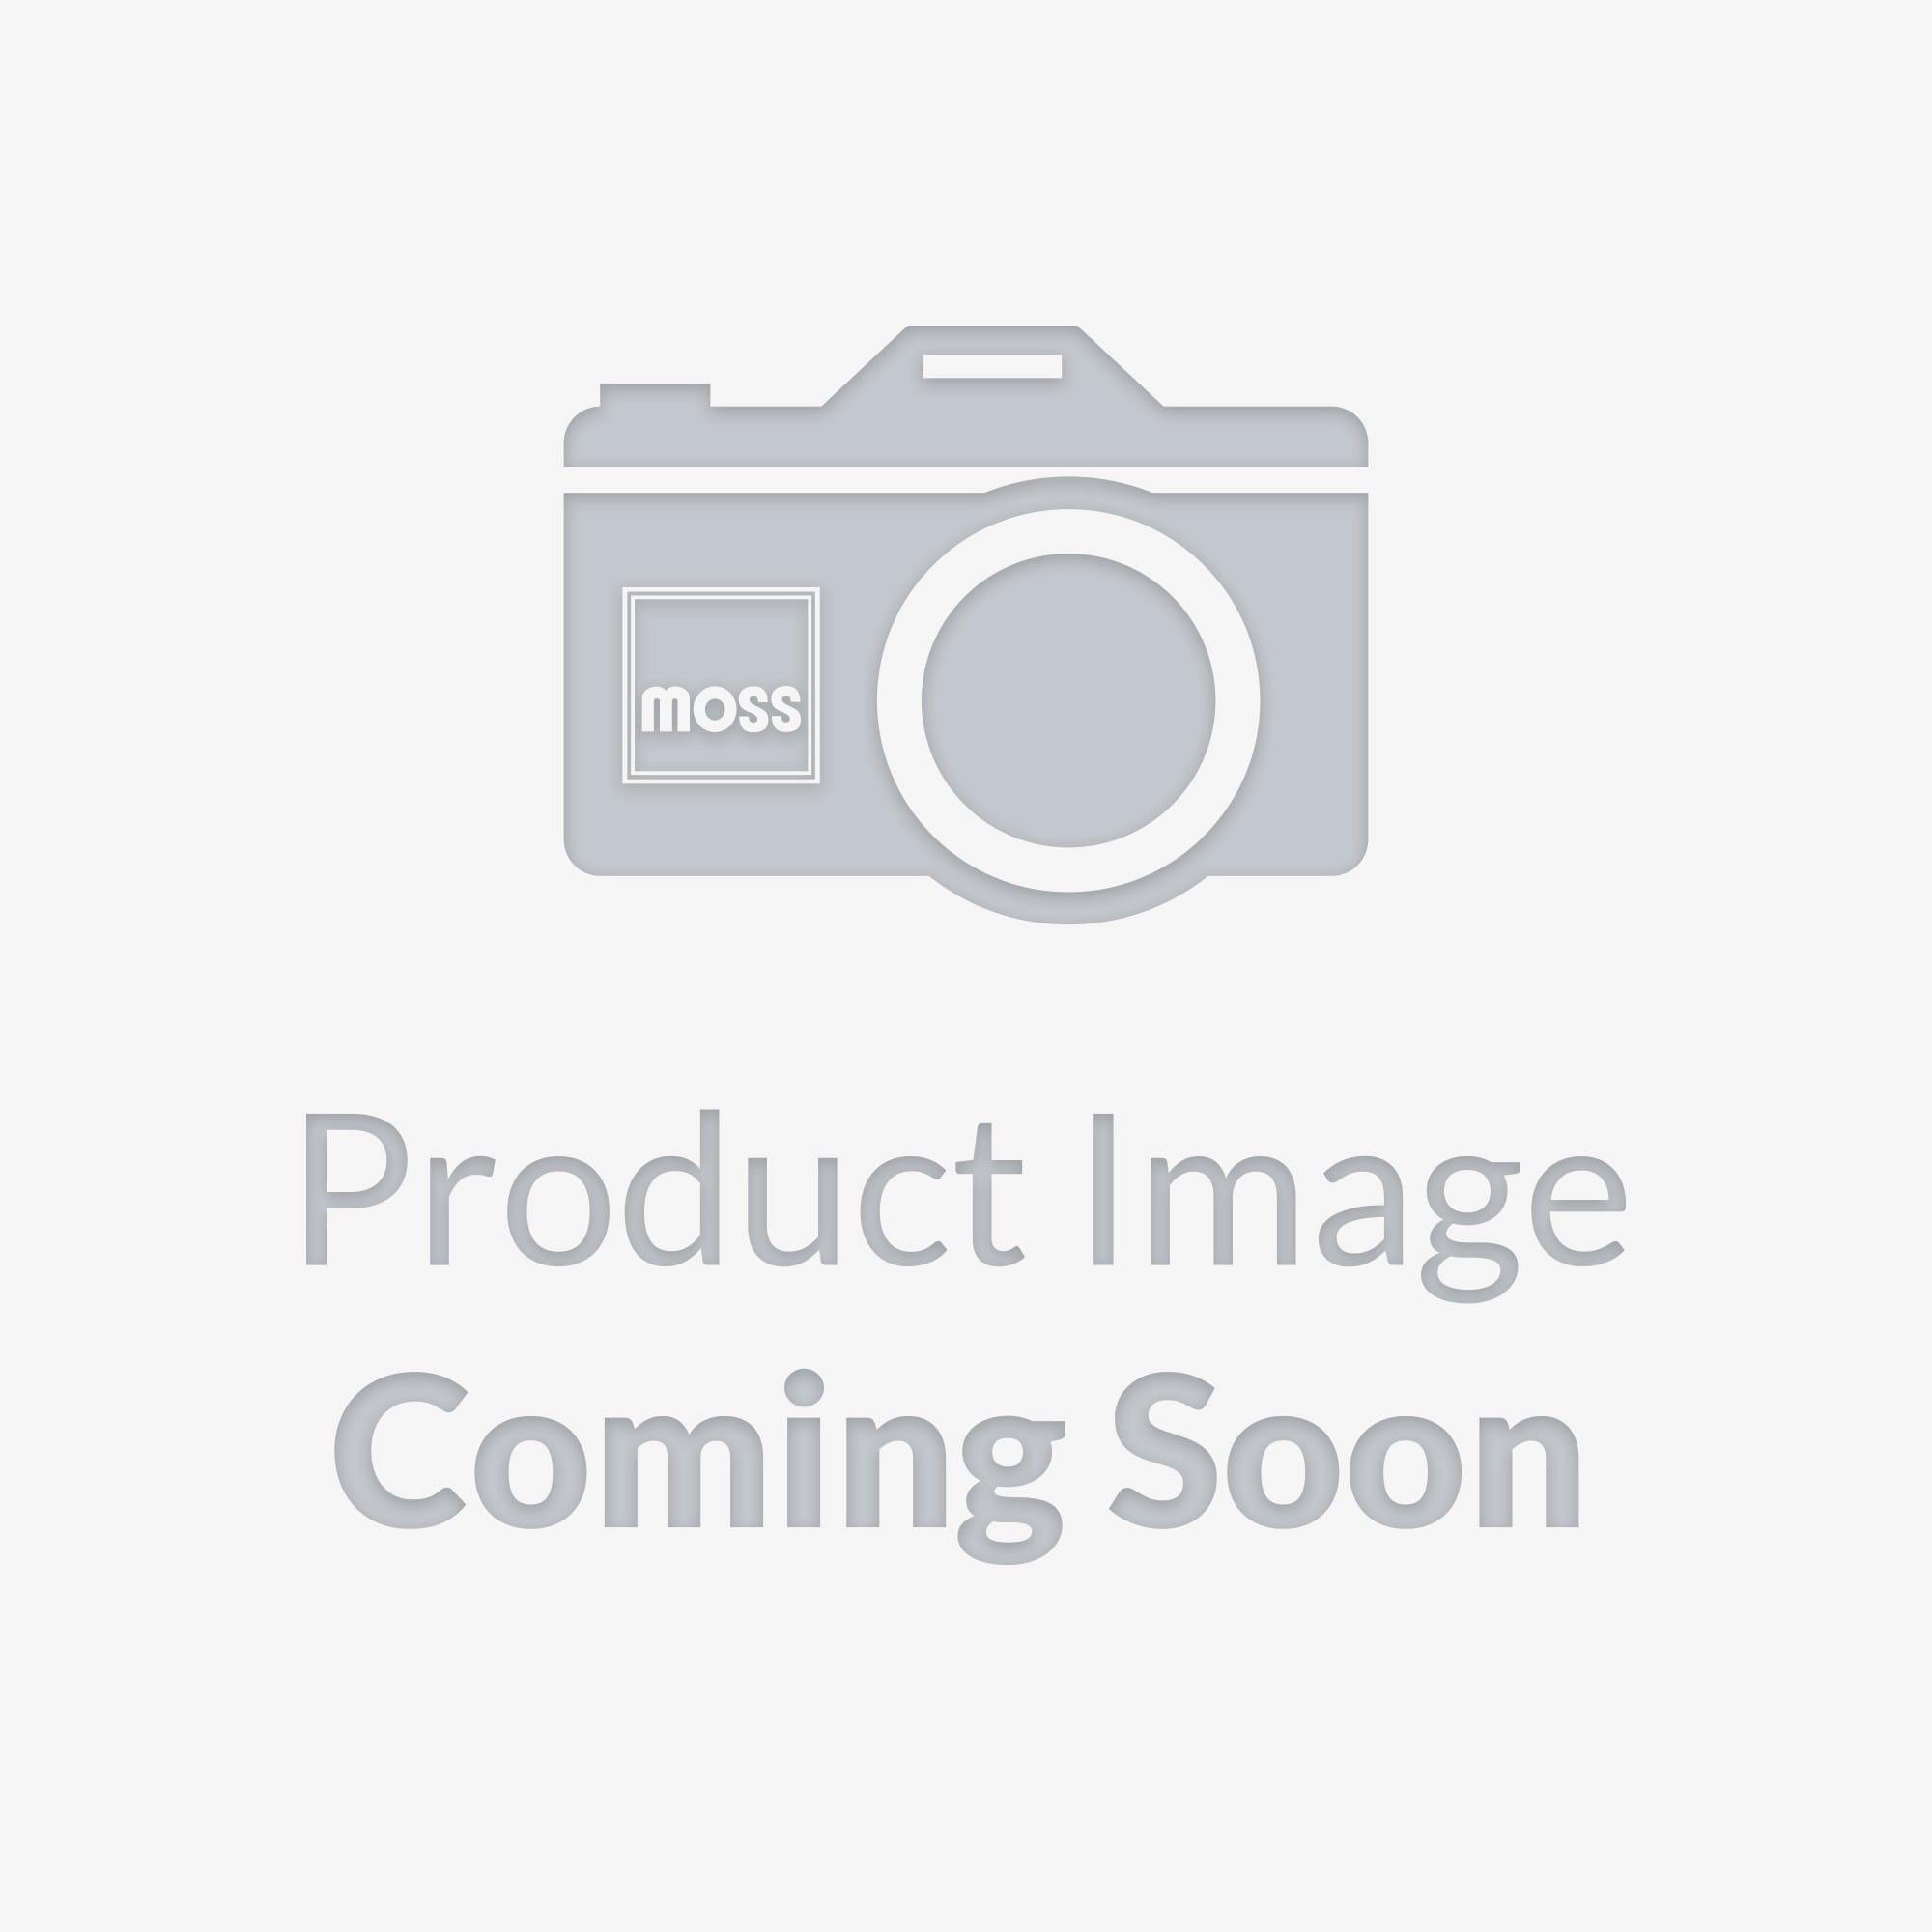 833-416 4-Cylinder Rear Main Seal Conversion Kit